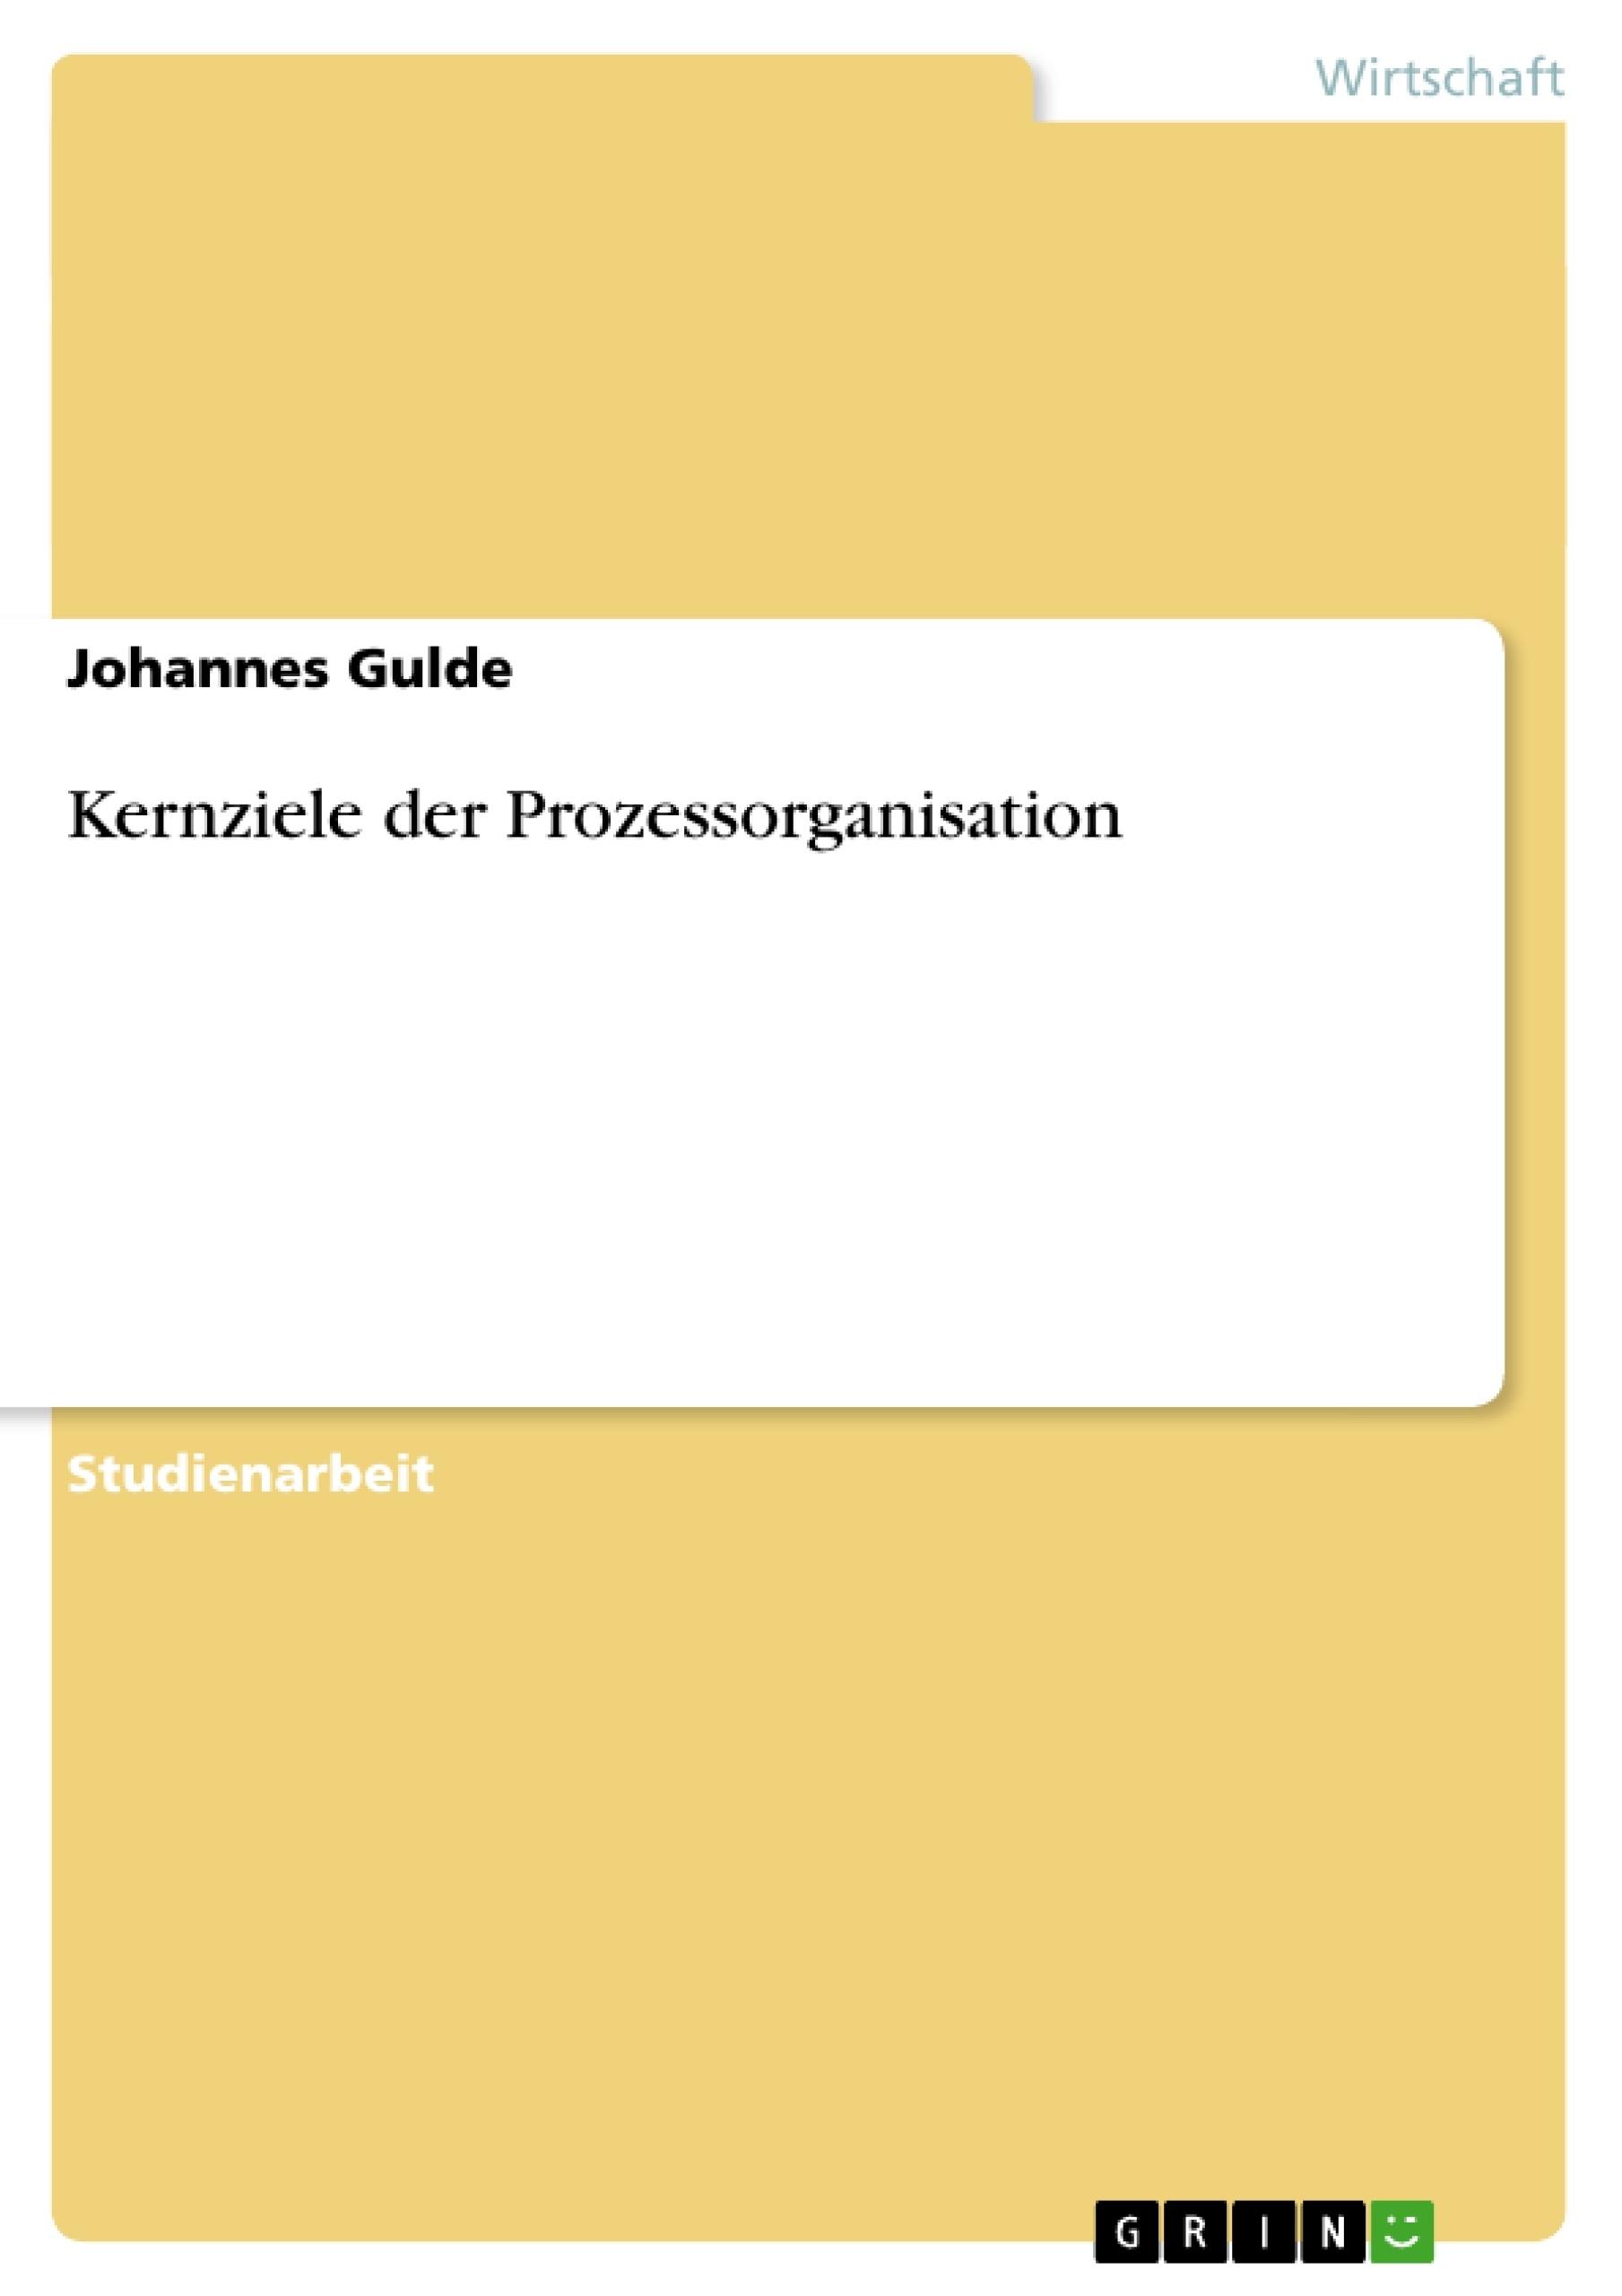 Titel: Kernziele der Prozessorganisation